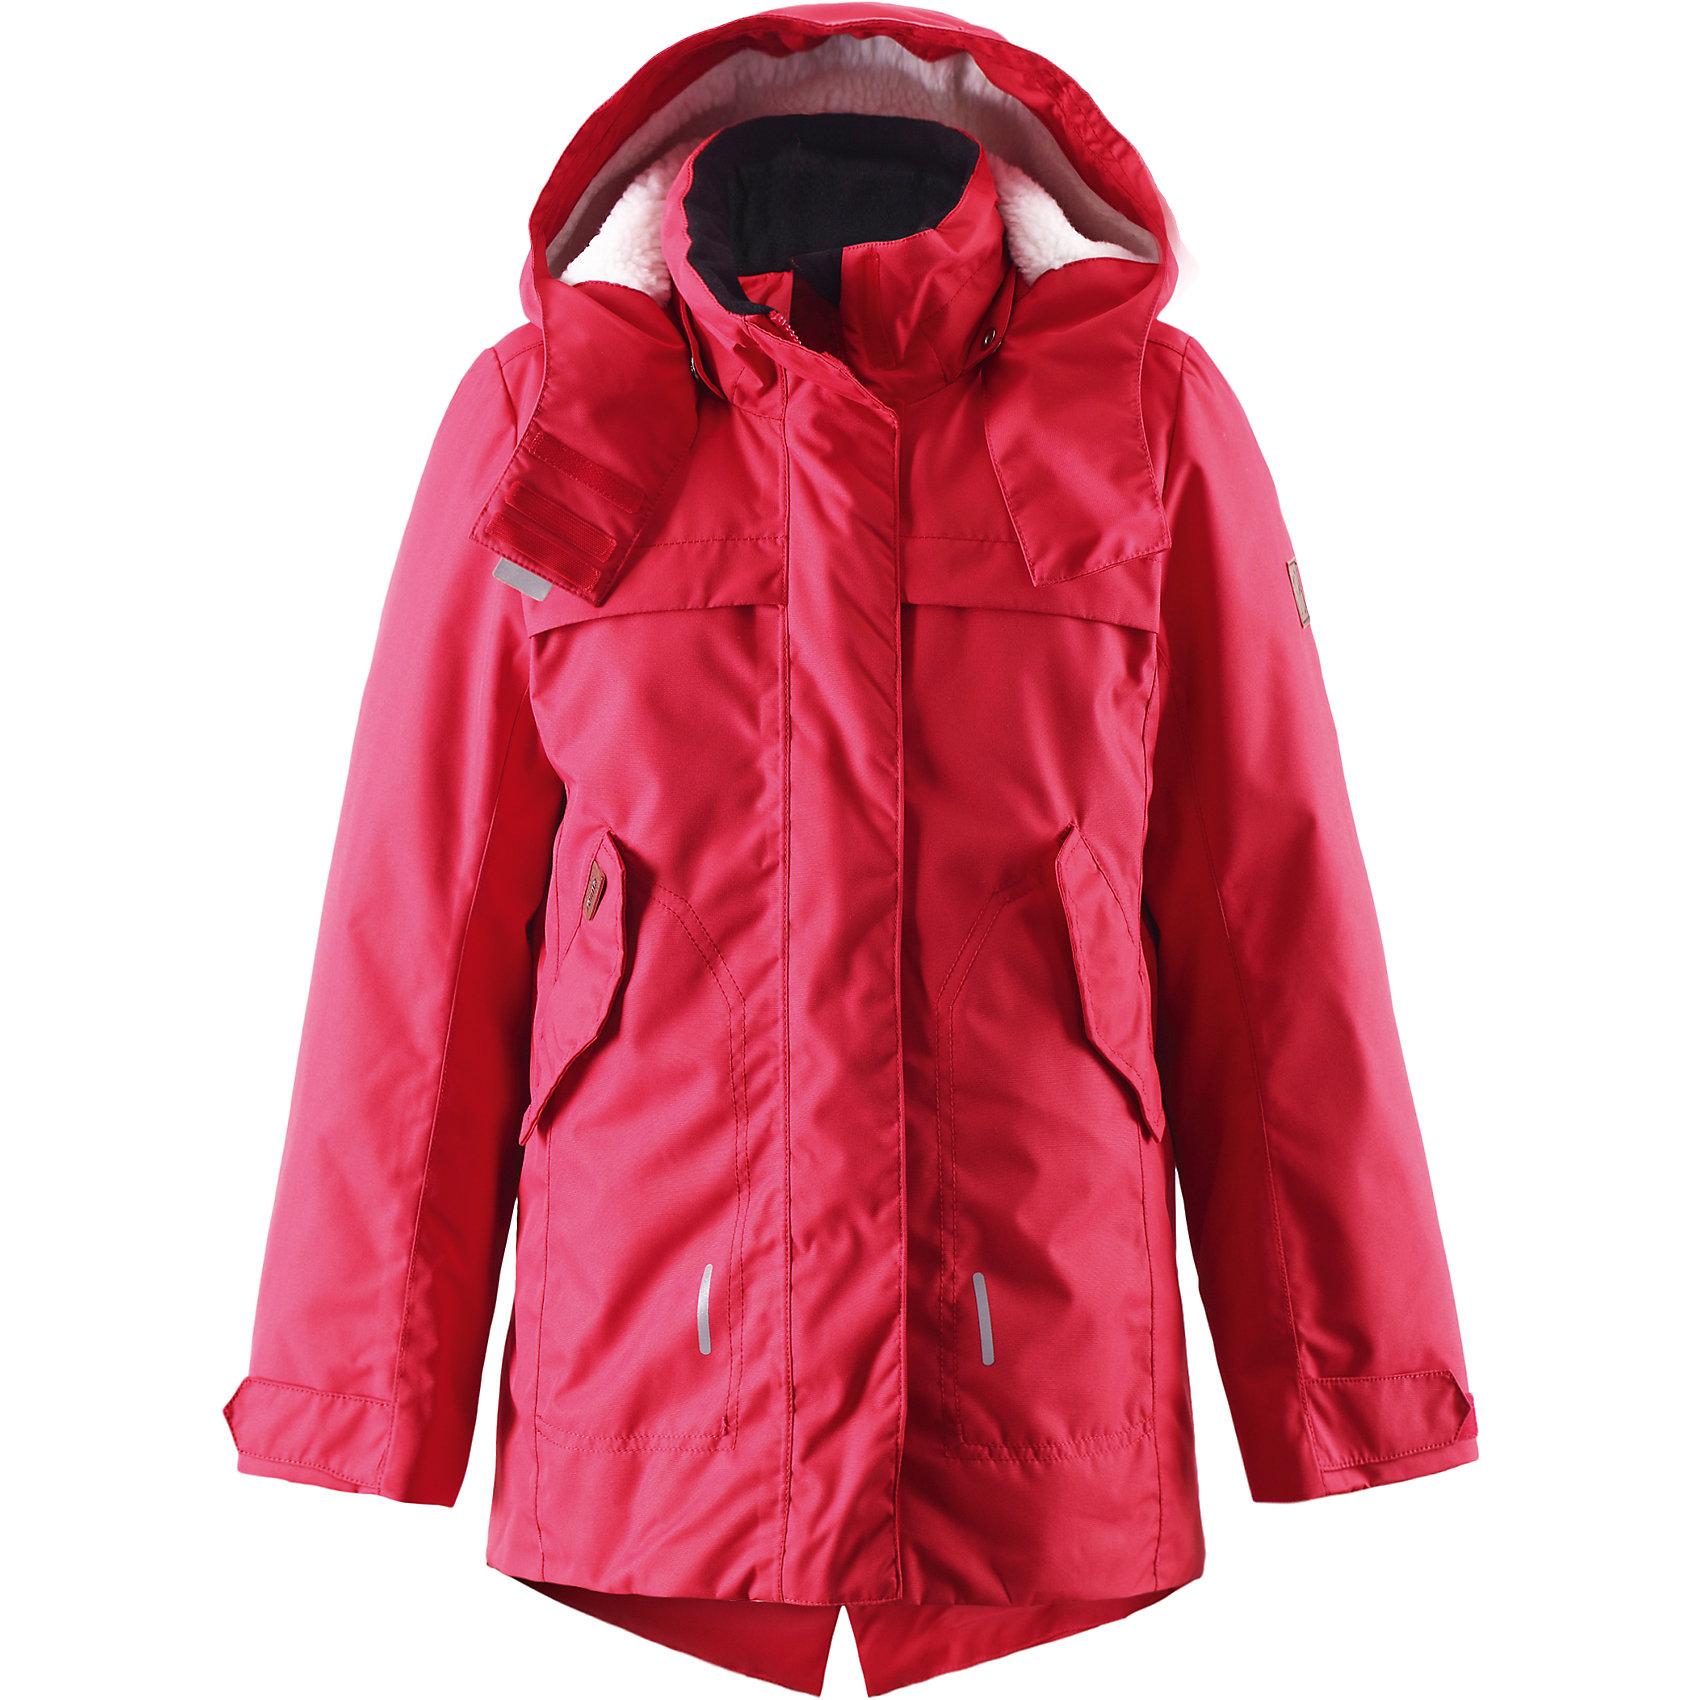 Куртка Tippa для девочки ReimaОдежда<br>Куртка для девочки Reima<br>Куртка для подростков. Основные швы проклеены и не пропускают влагу. Водо- и ветронепроницаемый, «дышащий» и грязеотталкивающий материал. Крой для девочек. Стеганая подкладка. Махровая подкладка на капюшоне. Безопасный, съемный капюшон. Регулируемый манжет на липучке. Внутренняя регулировка обхвата талии. Удлиненный подол сзади. Два кармана с клапанами. Безопасные светоотражающие детали. Петля для дополнительных светоотражающих деталей.<br>Утеплитель: Reima® Comfort+ insulation,140 g<br>Уход:<br>Стирать по отдельности, вывернув наизнанку. Застегнуть молнии и липучки. Стирать моющим средством, не содержащим отбеливающие вещества. Полоскать без специального средства. Во избежание изменения цвета изделие необходимо вынуть из стиральной машинки незамедлительно после окончания программы стирки. Сушить при низкой температуре.<br>Состав:<br>100% Полиамид, полиуретановое покрытие<br><br>Ширина мм: 356<br>Глубина мм: 10<br>Высота мм: 245<br>Вес г: 519<br>Цвет: красный<br>Возраст от месяцев: 60<br>Возраст до месяцев: 72<br>Пол: Женский<br>Возраст: Детский<br>Размер: 116,164,158,140,146,128,152,104,122,110,134<br>SKU: 4778207